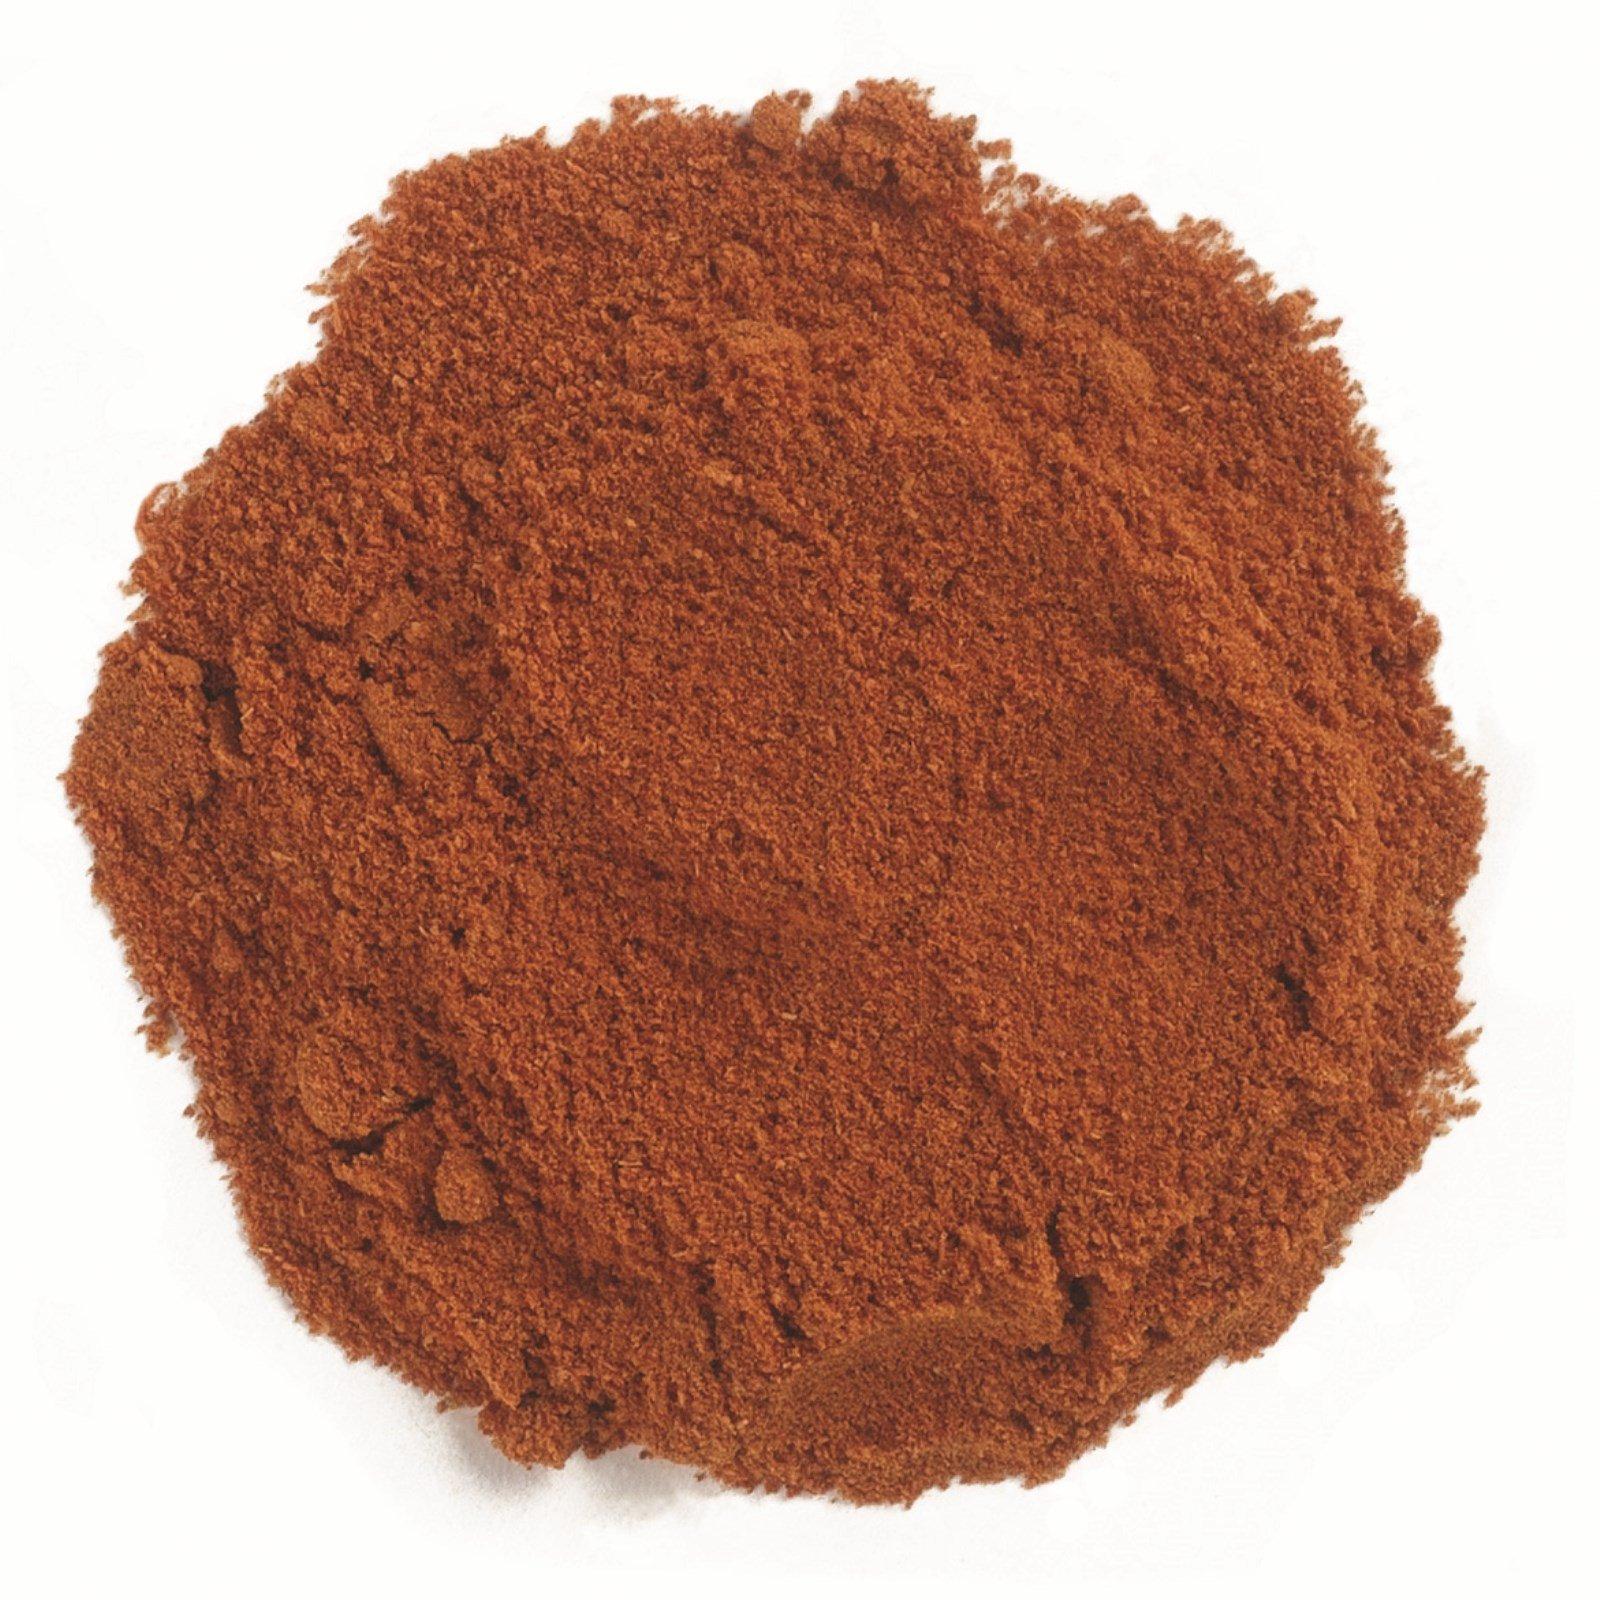 Frontier Natural Products, Органическая молотая паприка, 16 унций (453 г)